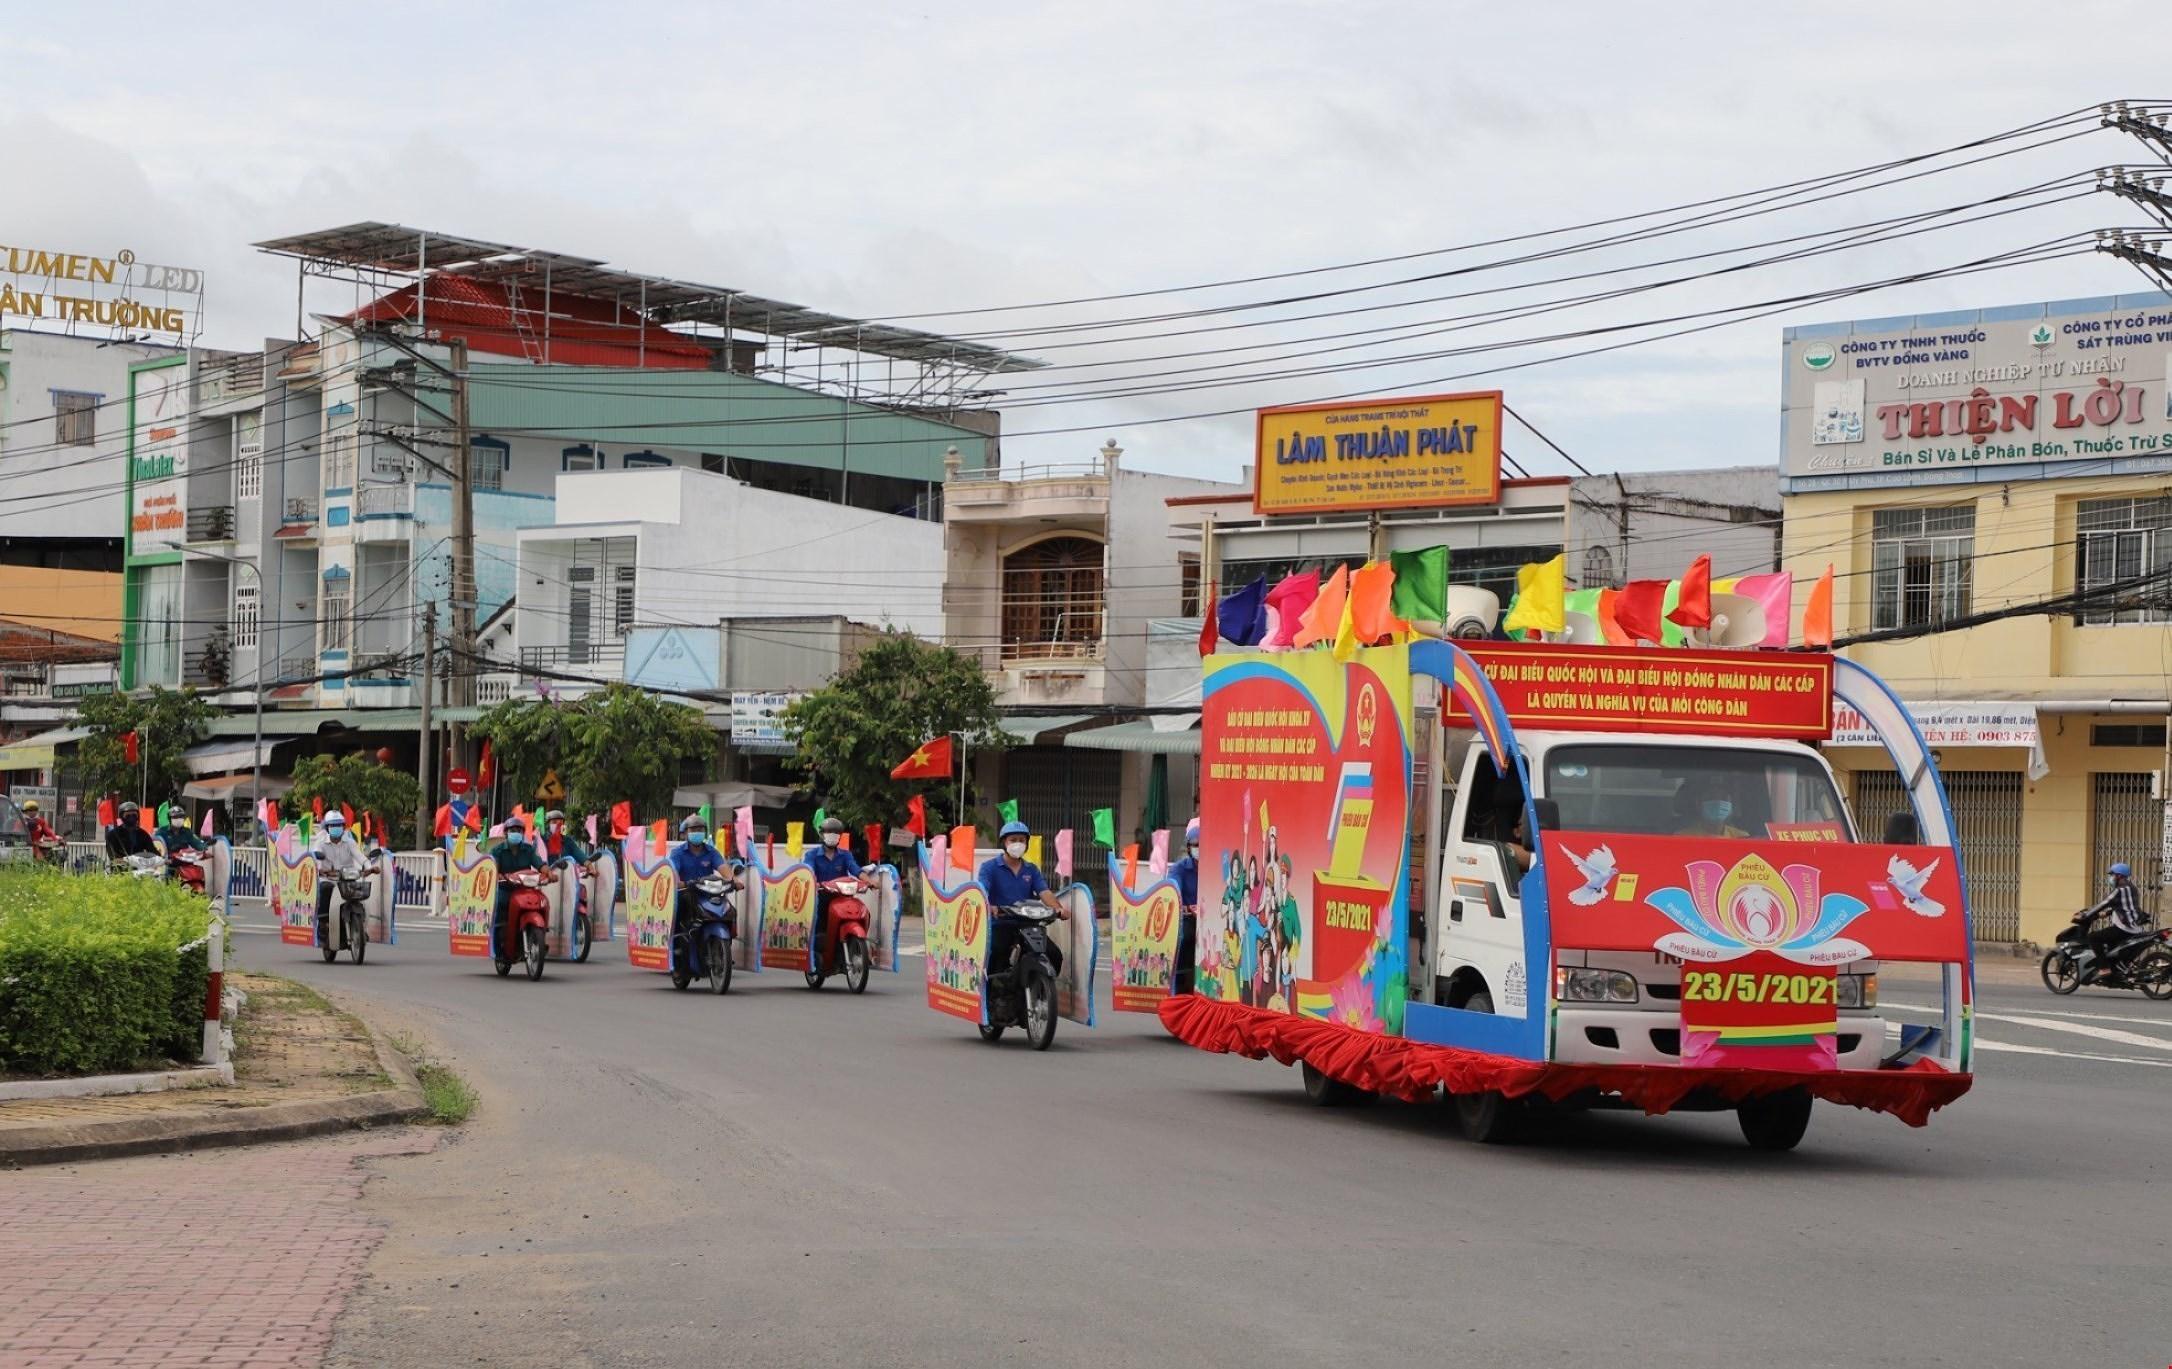 Les localites vietnamiennes sont pretes aux elections legislatives de 2021 hinh anh 5